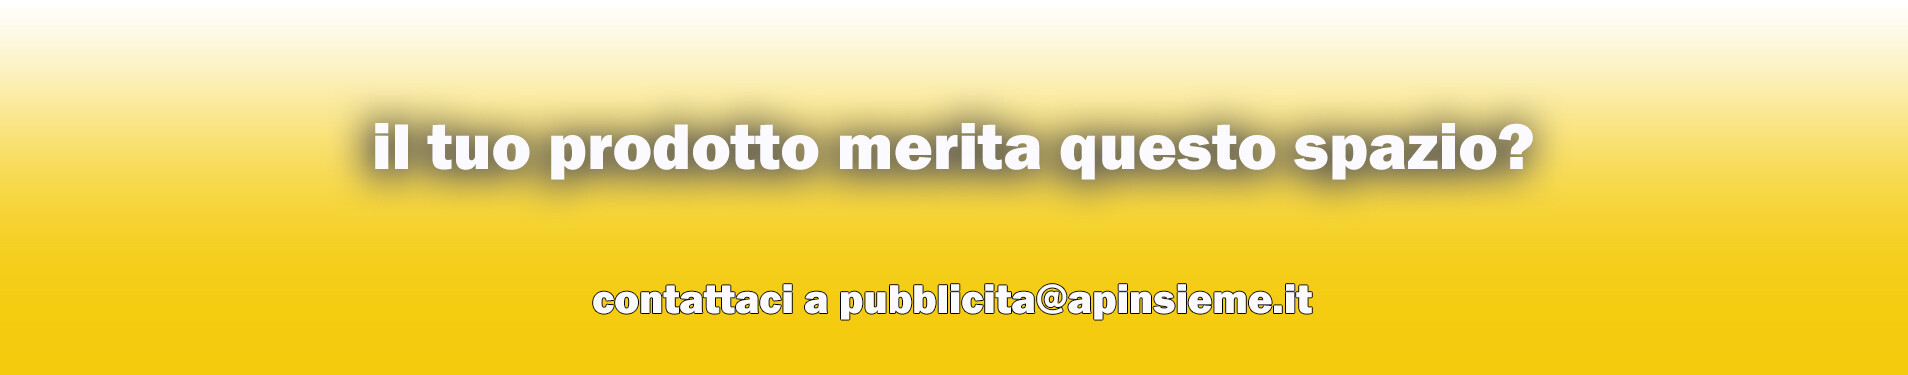 contatta pubblicita @ apinsieme.it